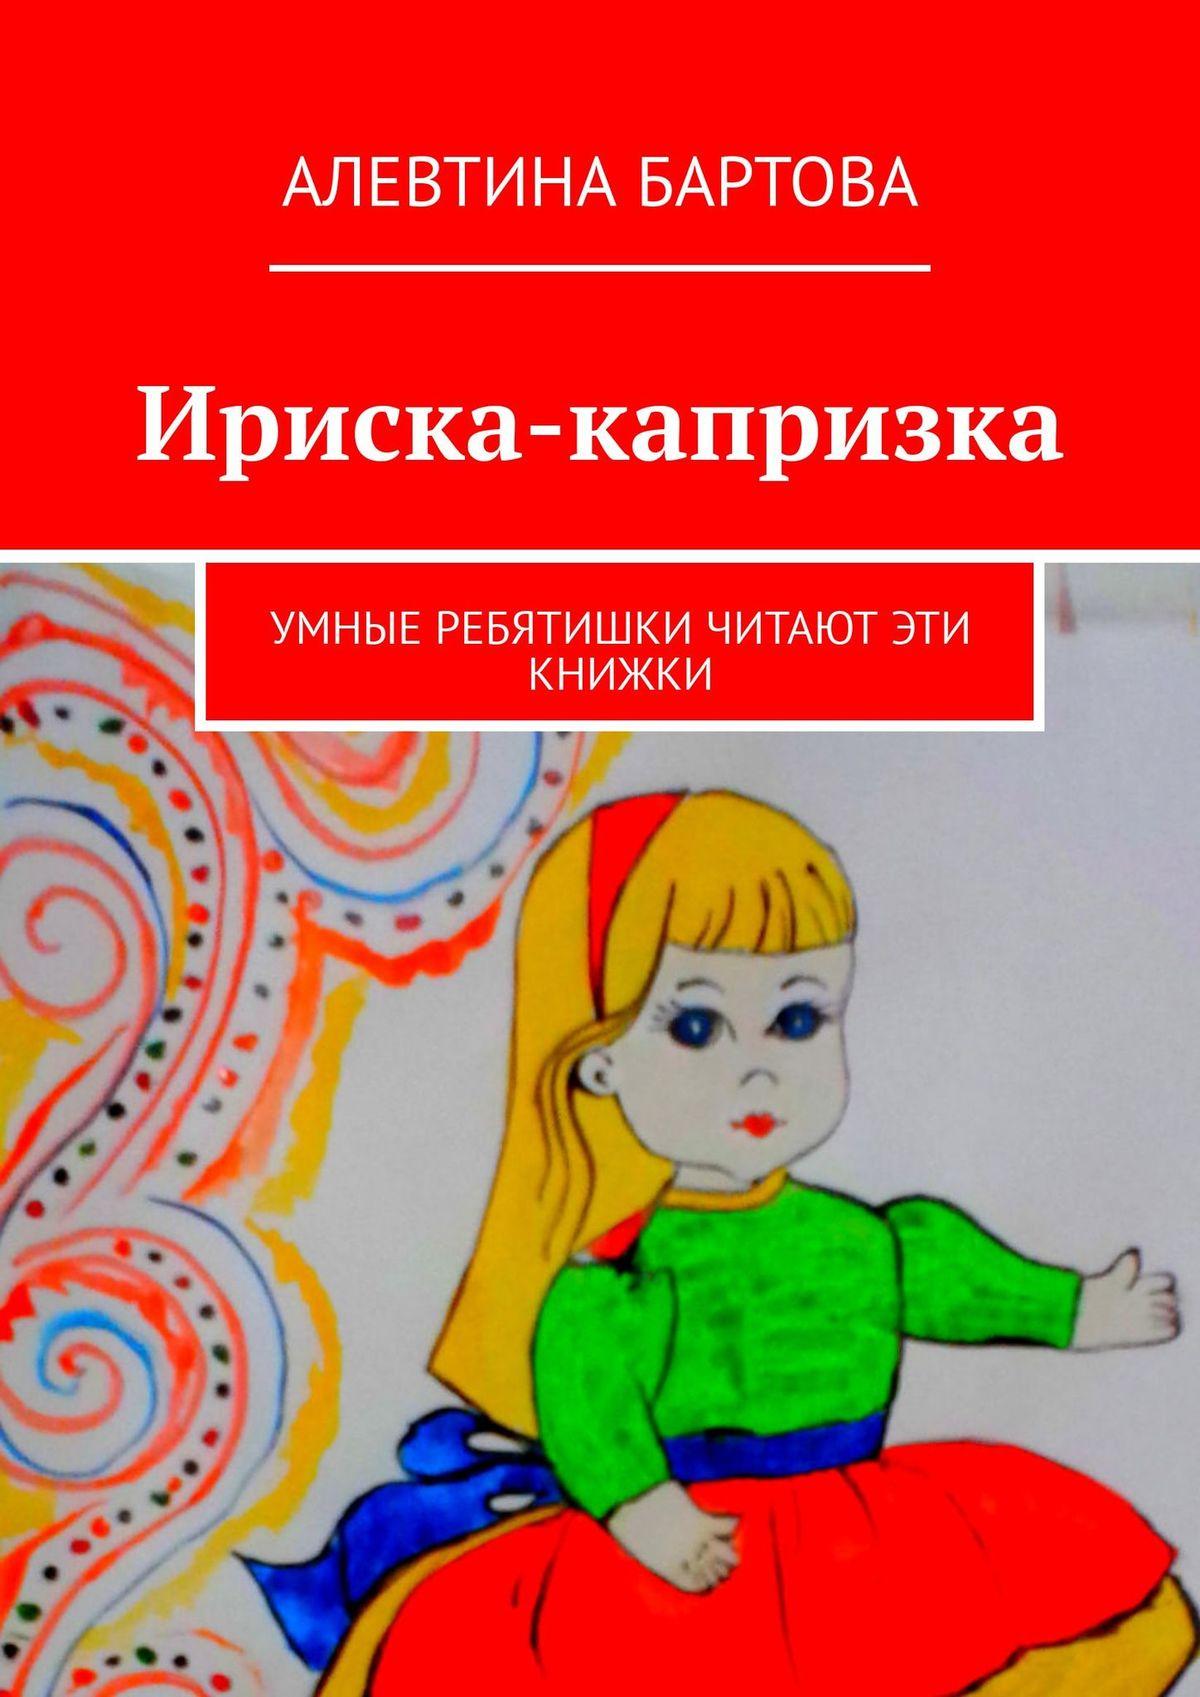 Алевтина Трифоновна Бартова Ириска-капризка. Умные ребятишки читают эти книжки алевтина трифоновна бартова петя омон умные детишки читают эти книжки